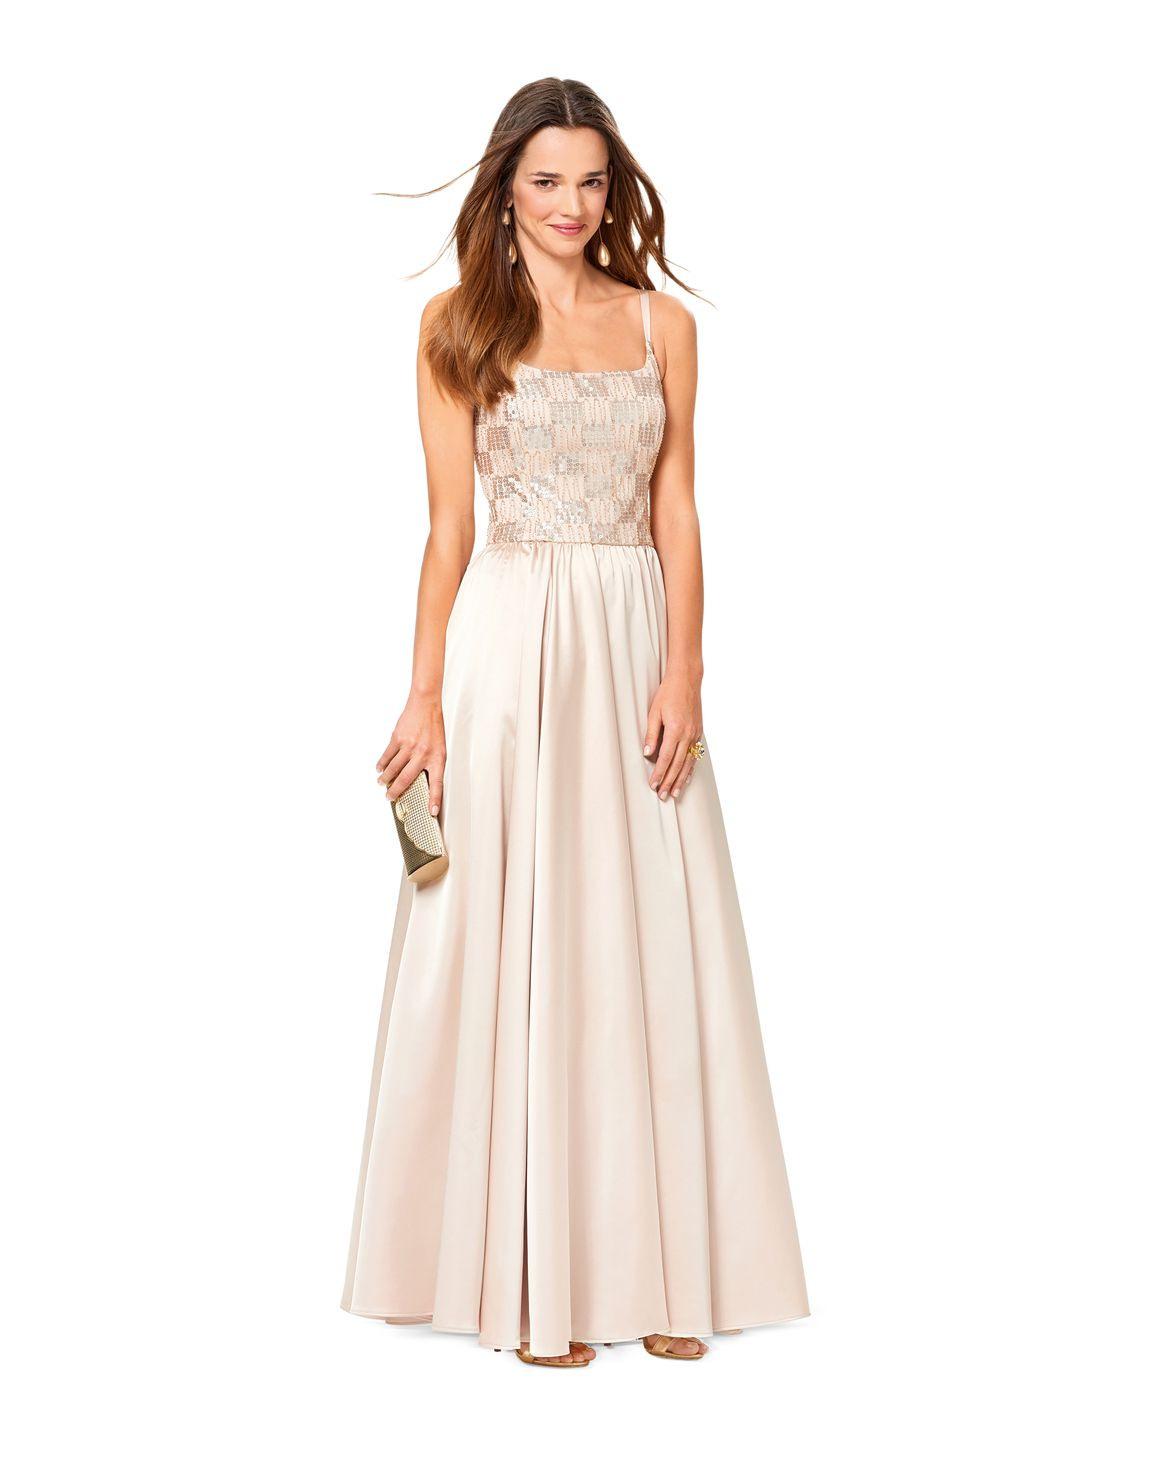 Ausgezeichnet Abendkleid Schnittmuster Galerie10 Einzigartig Abendkleid Schnittmuster Stylish